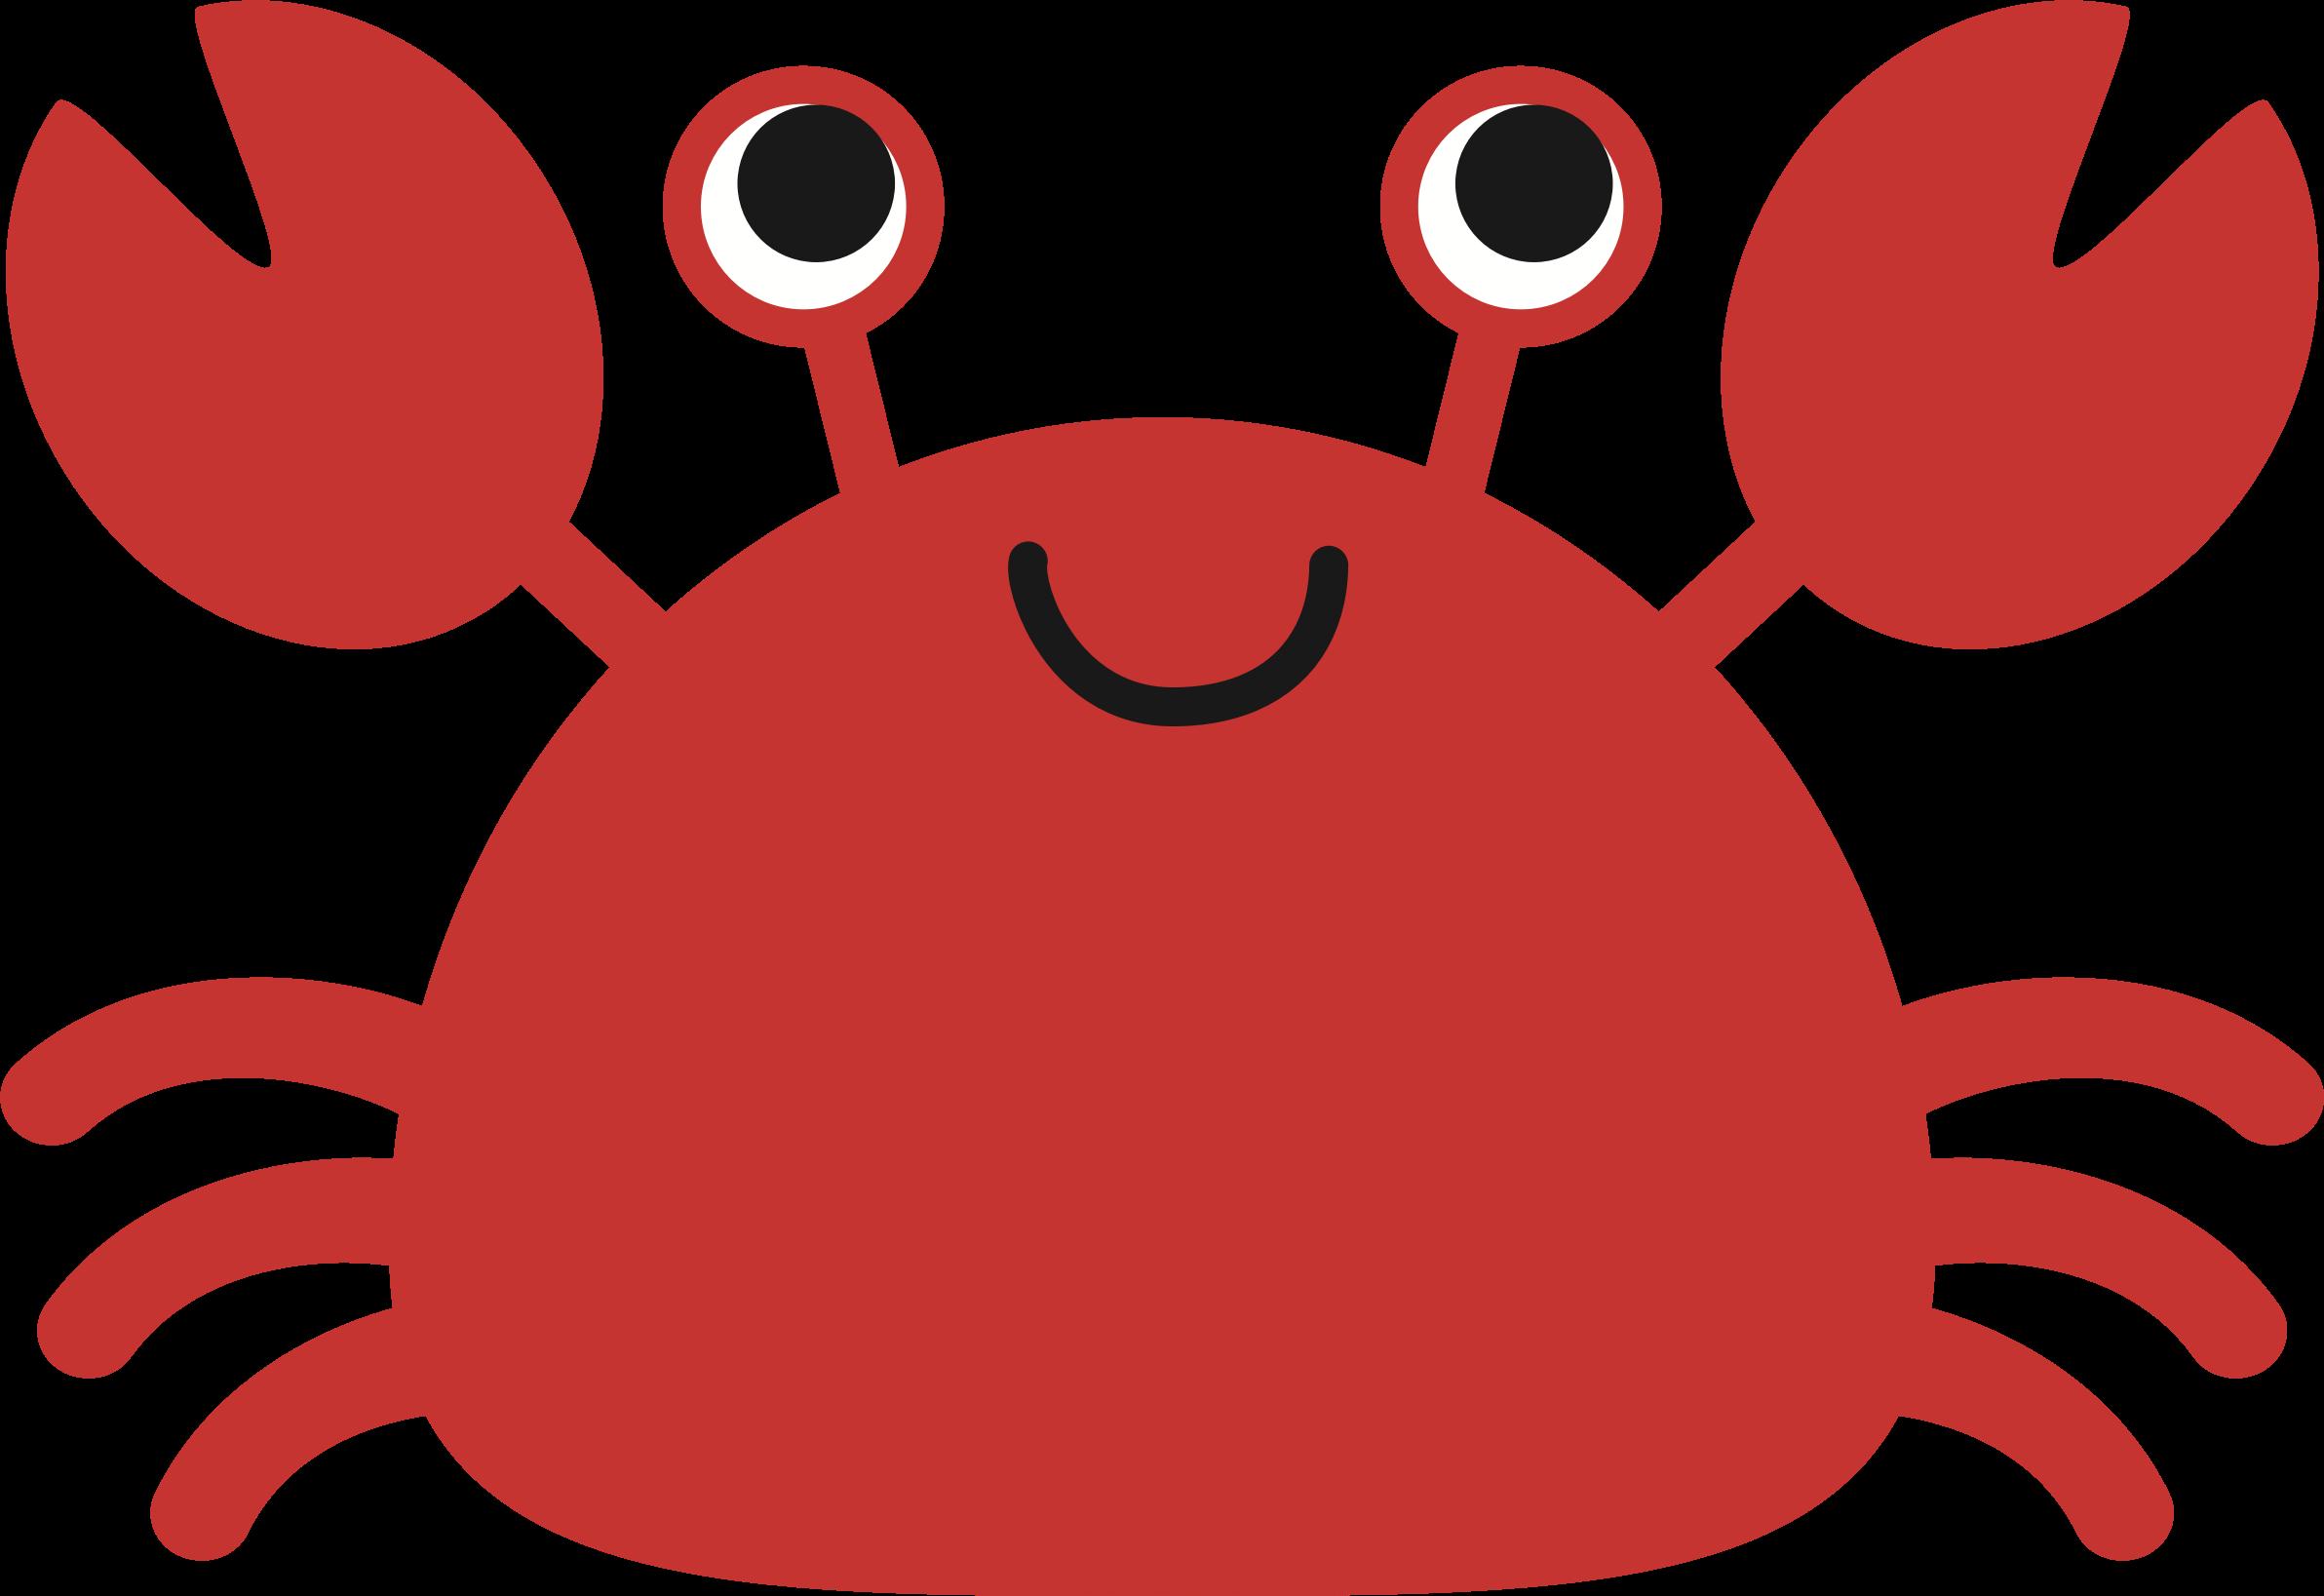 Crab png mart. Crabs clipart cute